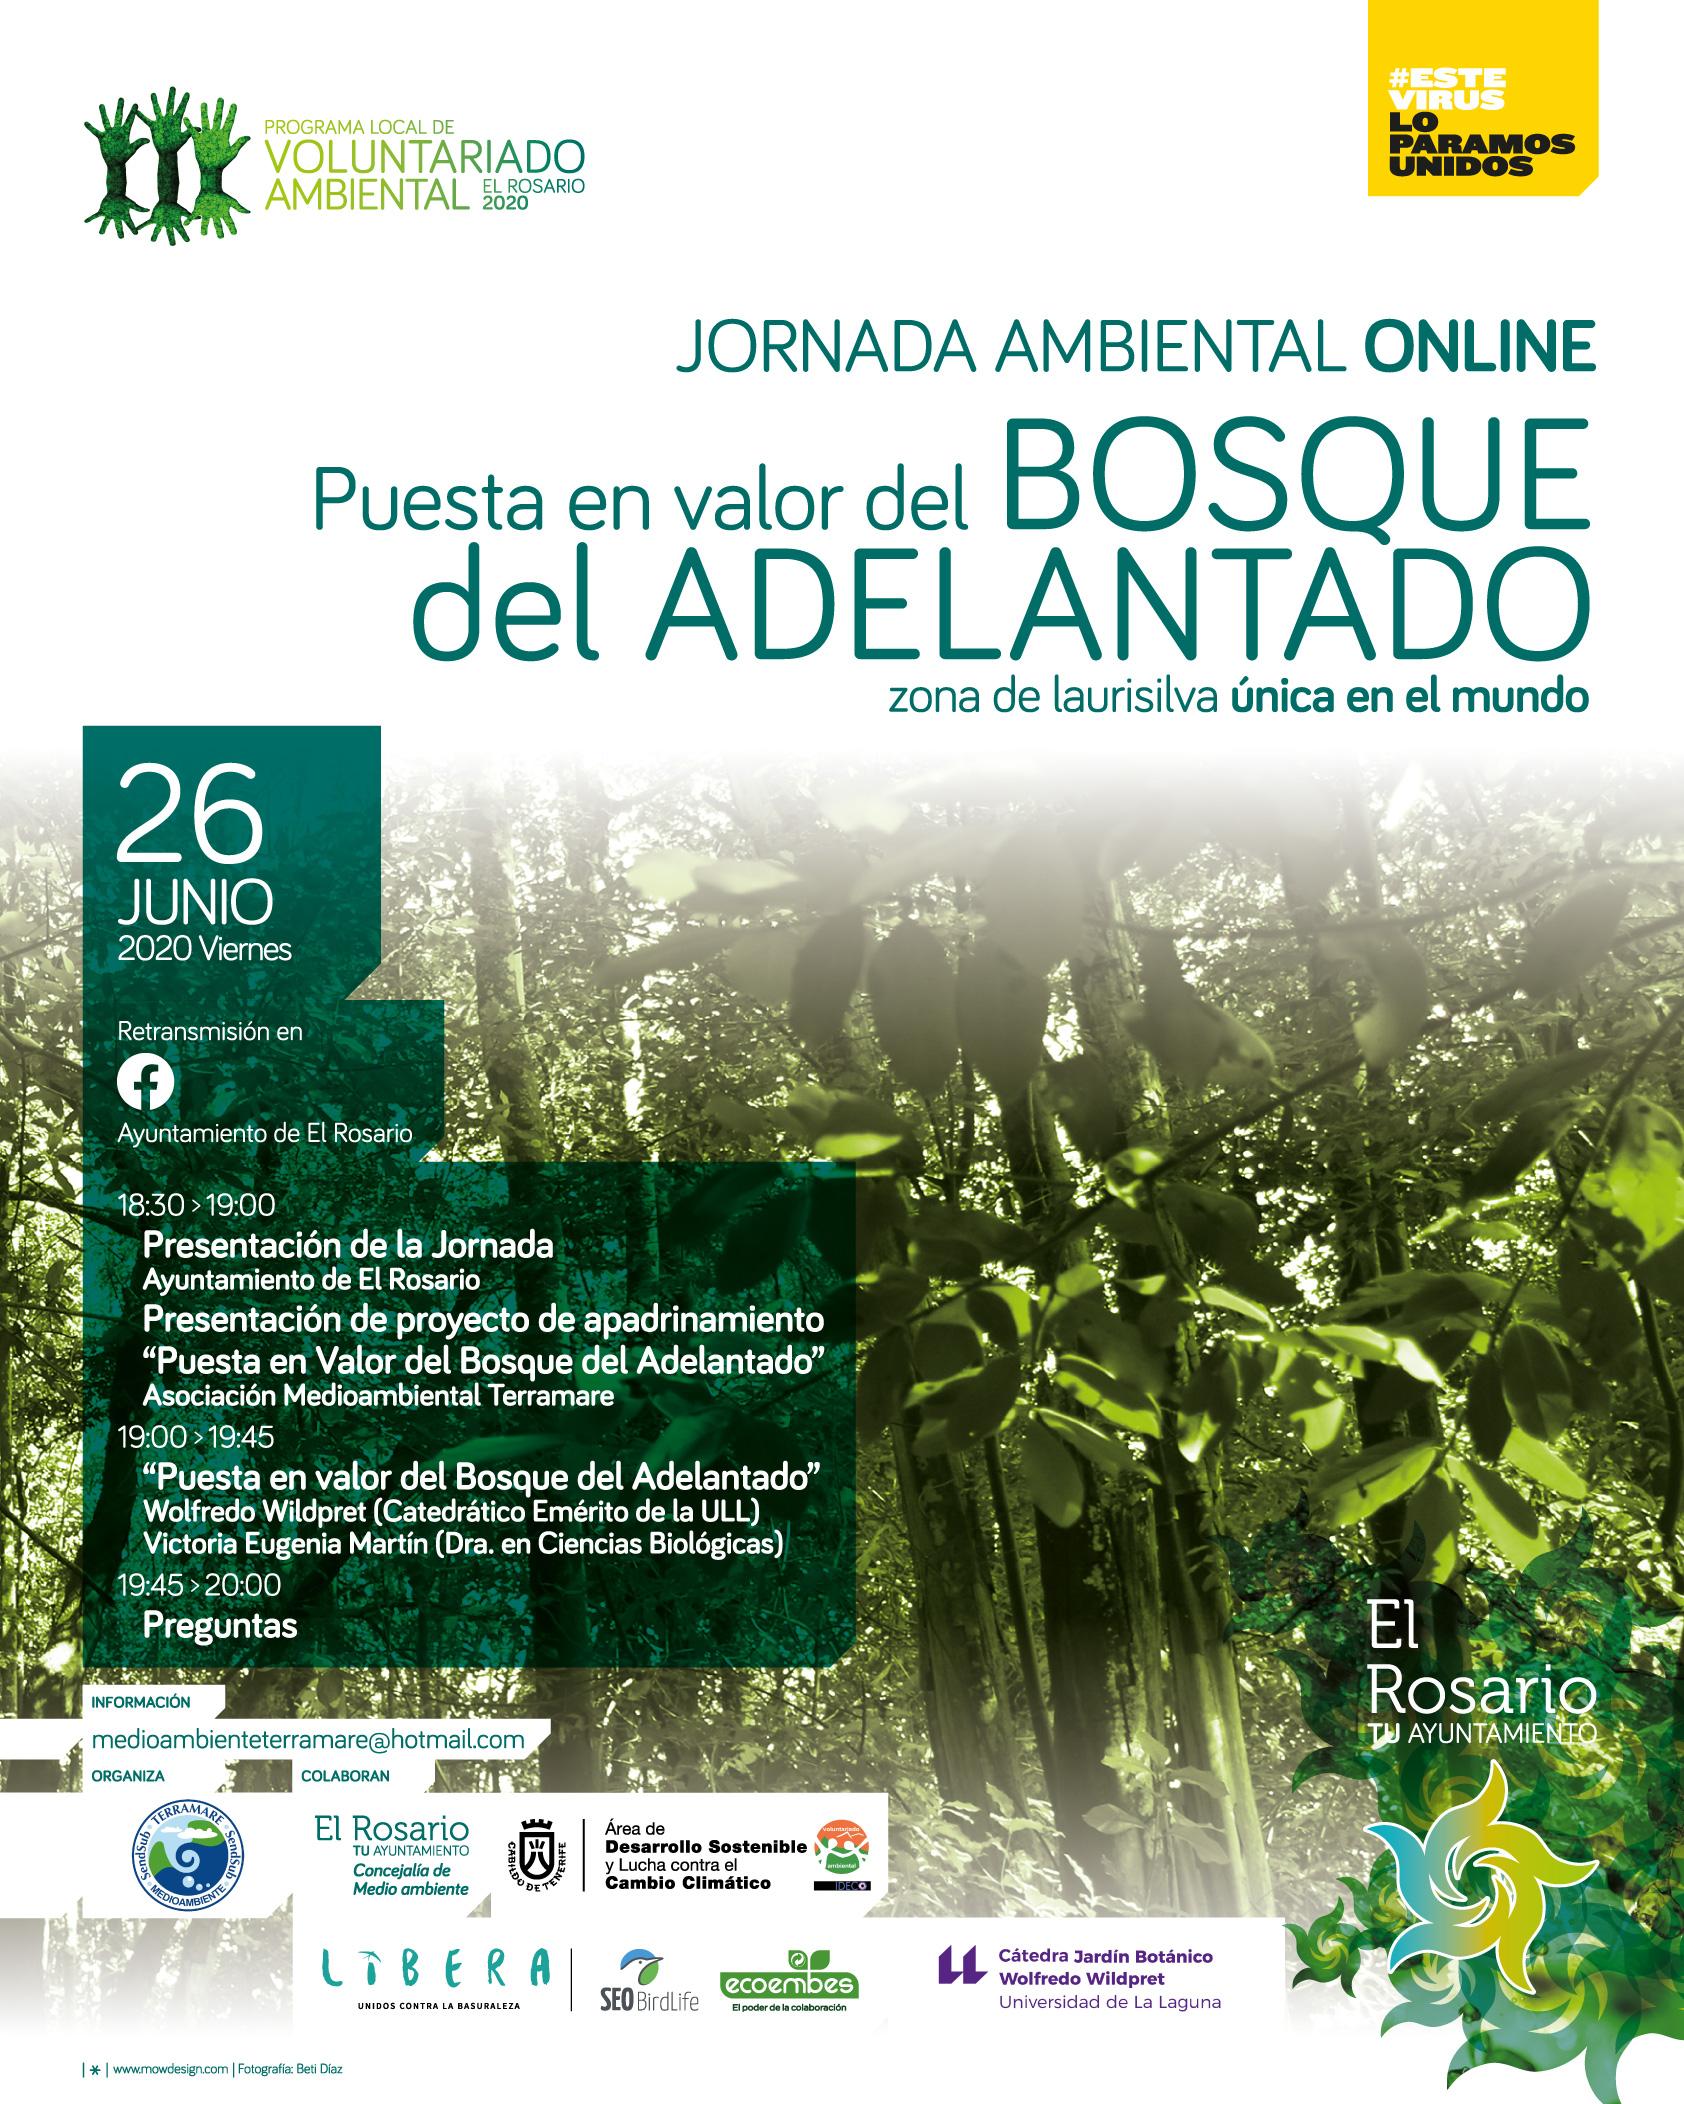 Puesta_en_valor_Bosque_del_Adelantado-20200626-CARTEL_a3-20200624-02af-redes